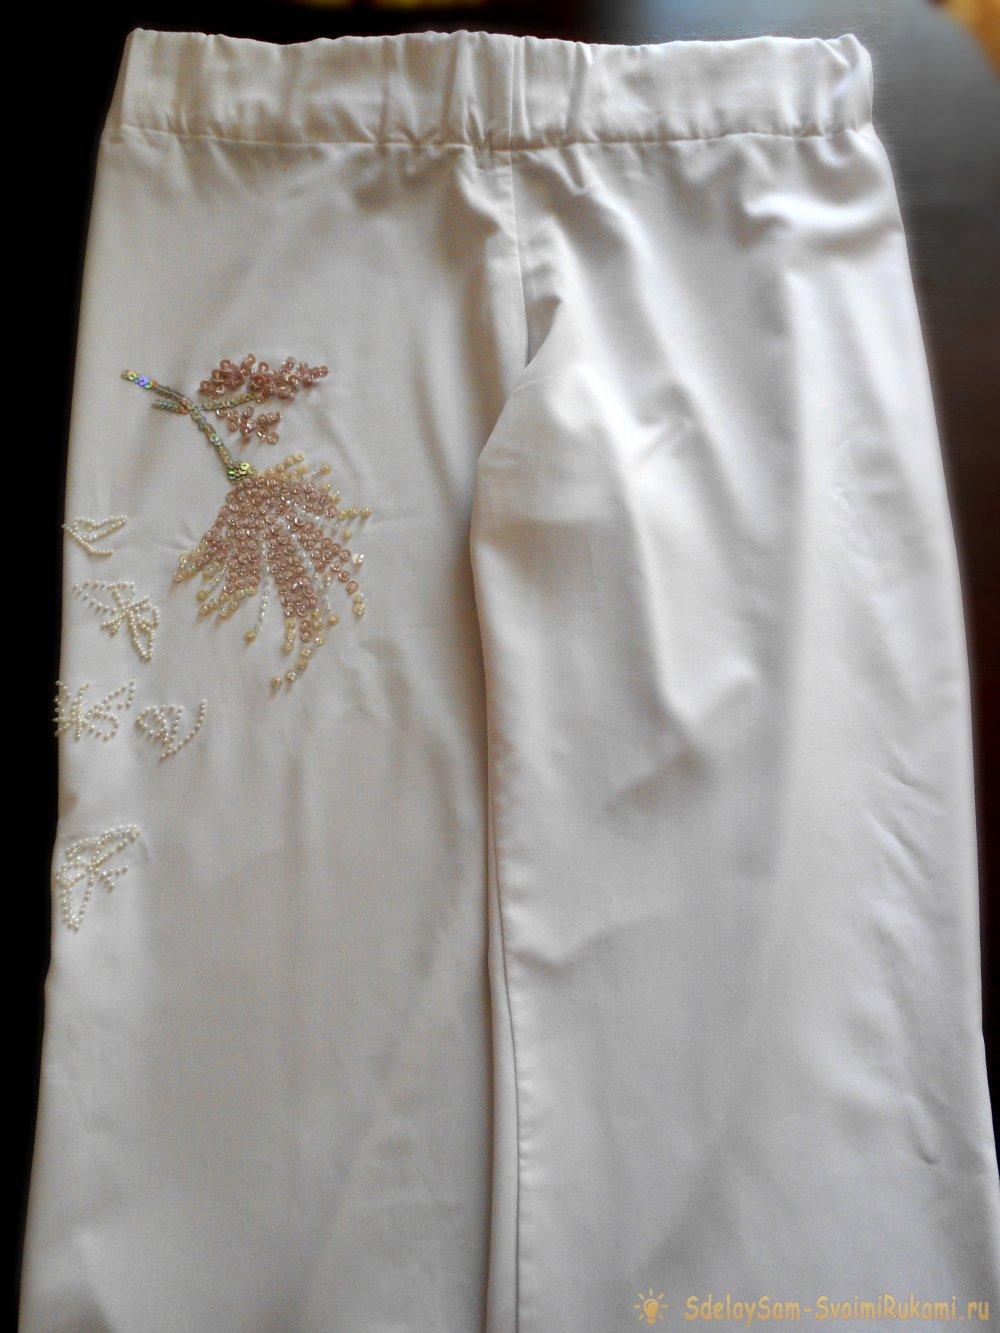 Схемы вышивки брюк